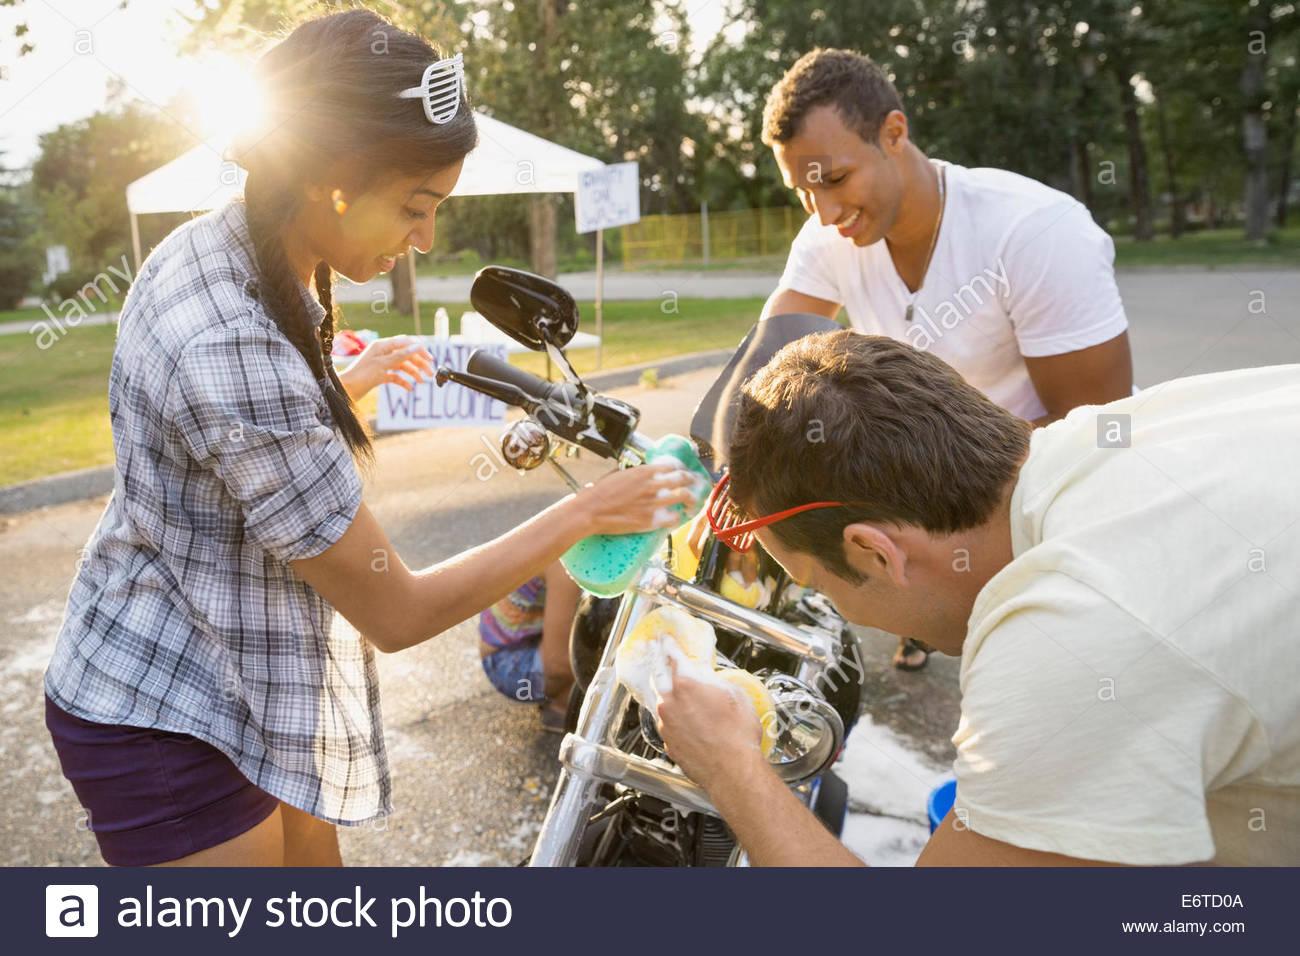 Freunde, die Waschmaschine Motorrad bei Charity-Auto-Waschanlagen Stockbild